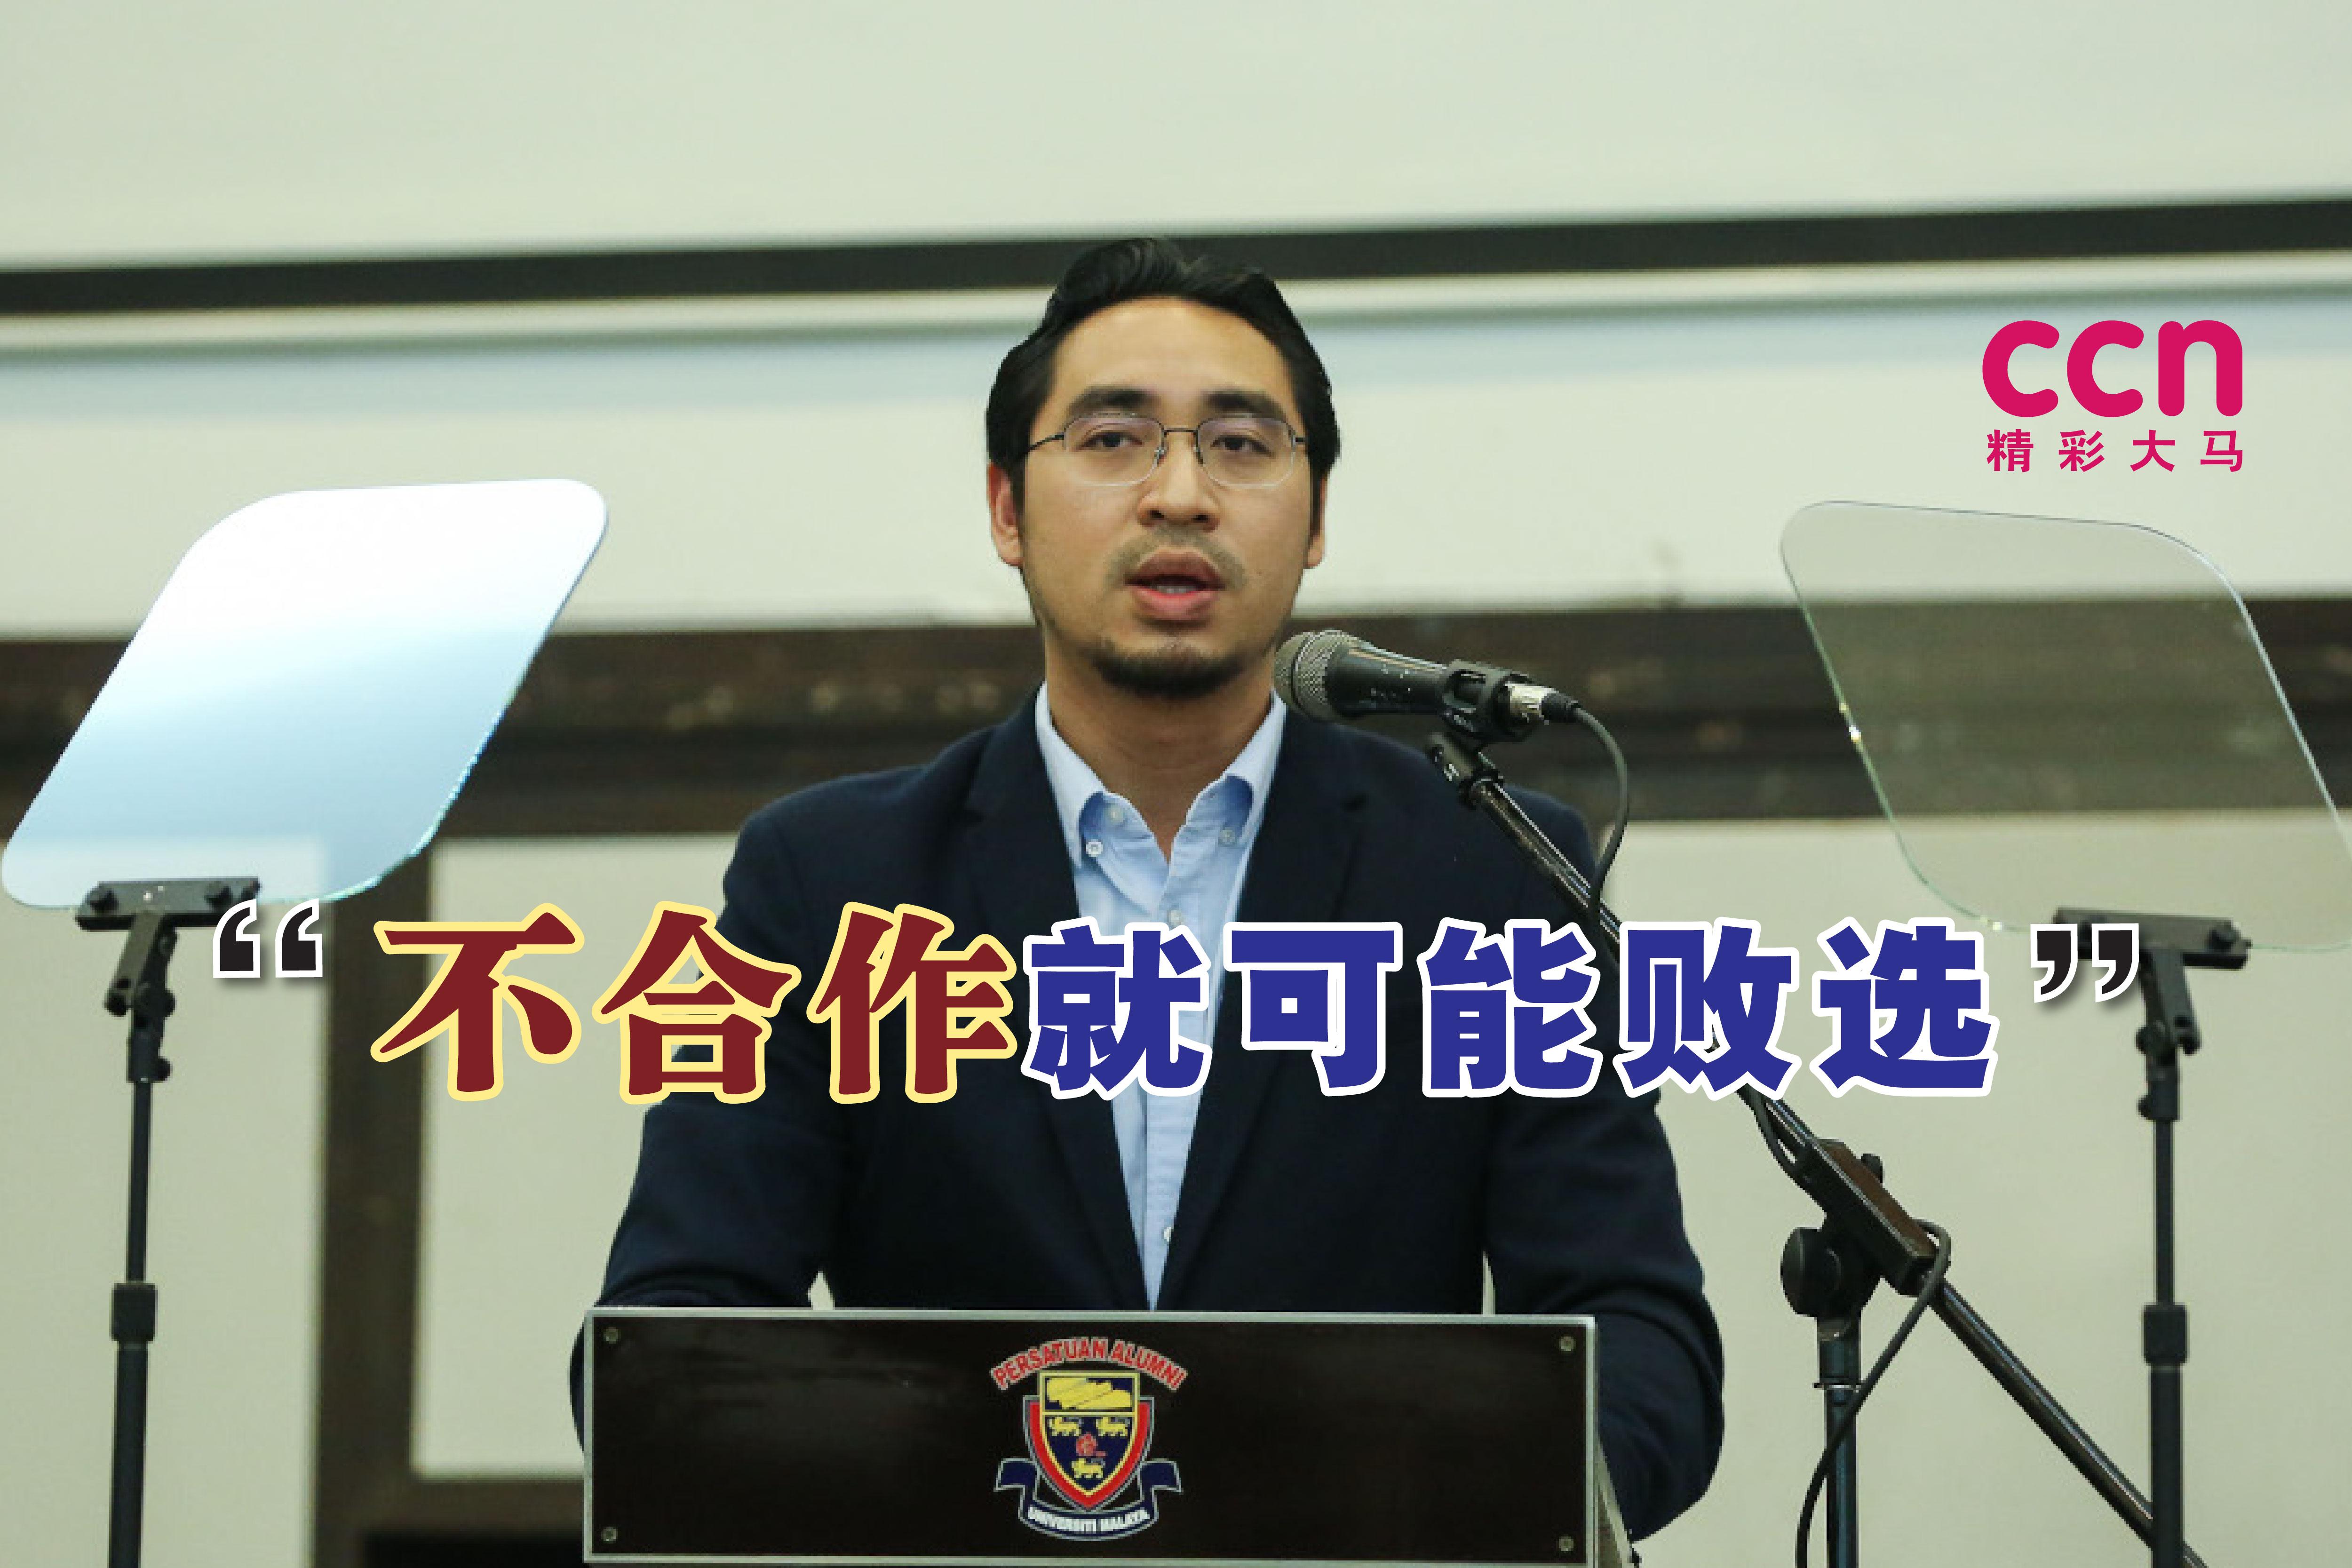 旺阿末法依沙认为,现在的政治局势是需要所有政党一起合作。-Yusof Mat Isa摄-